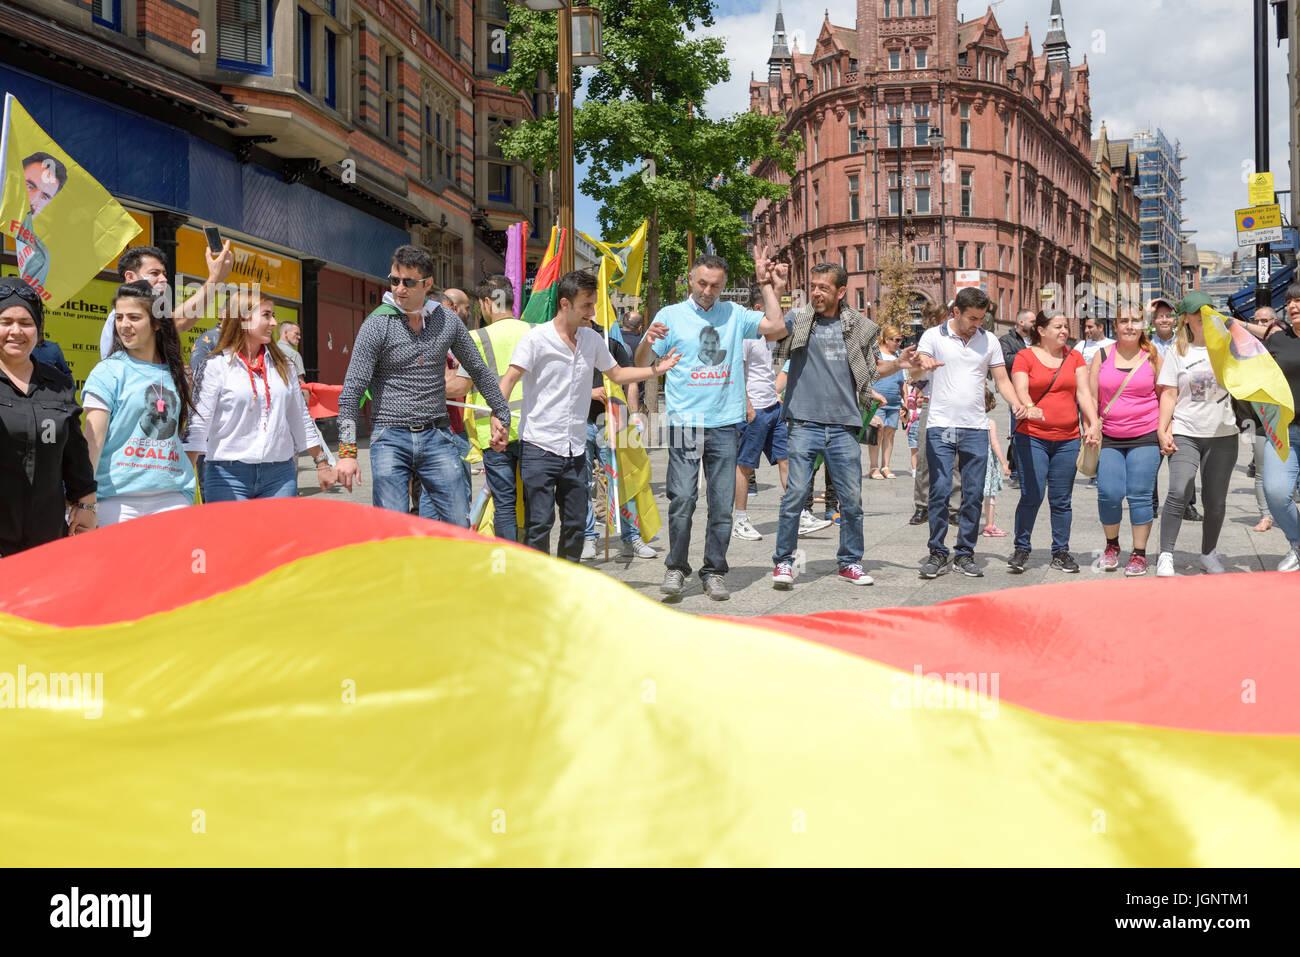 Nottingham, UK  09th July 2017  Nottingham Kurdish community